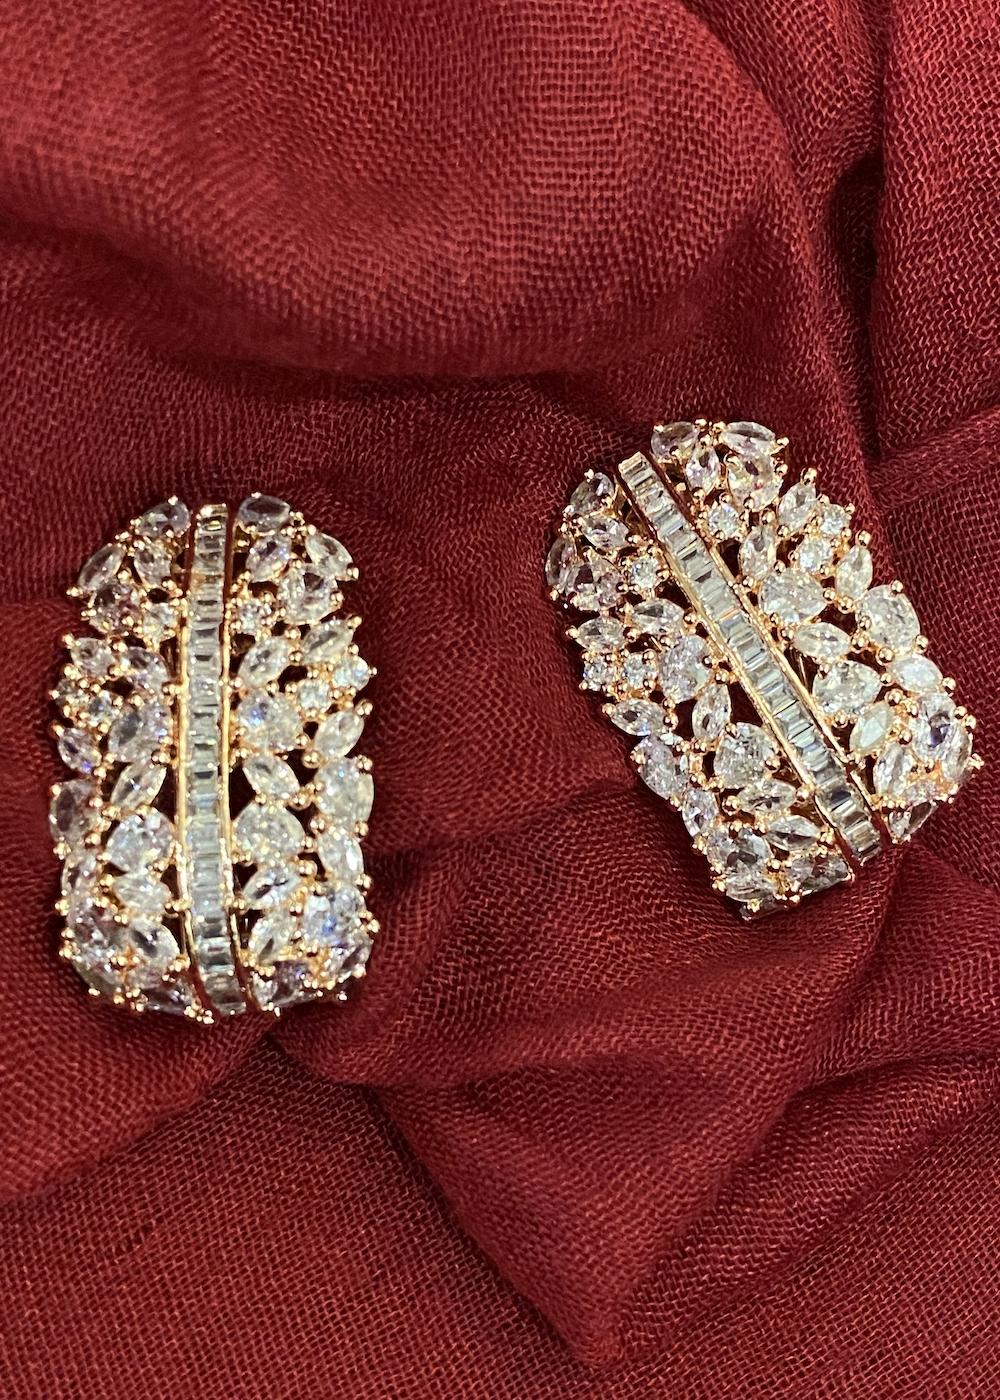 Swabhimann Jewellery | Swabhimann Jwellery Artica Studs Rose Gold